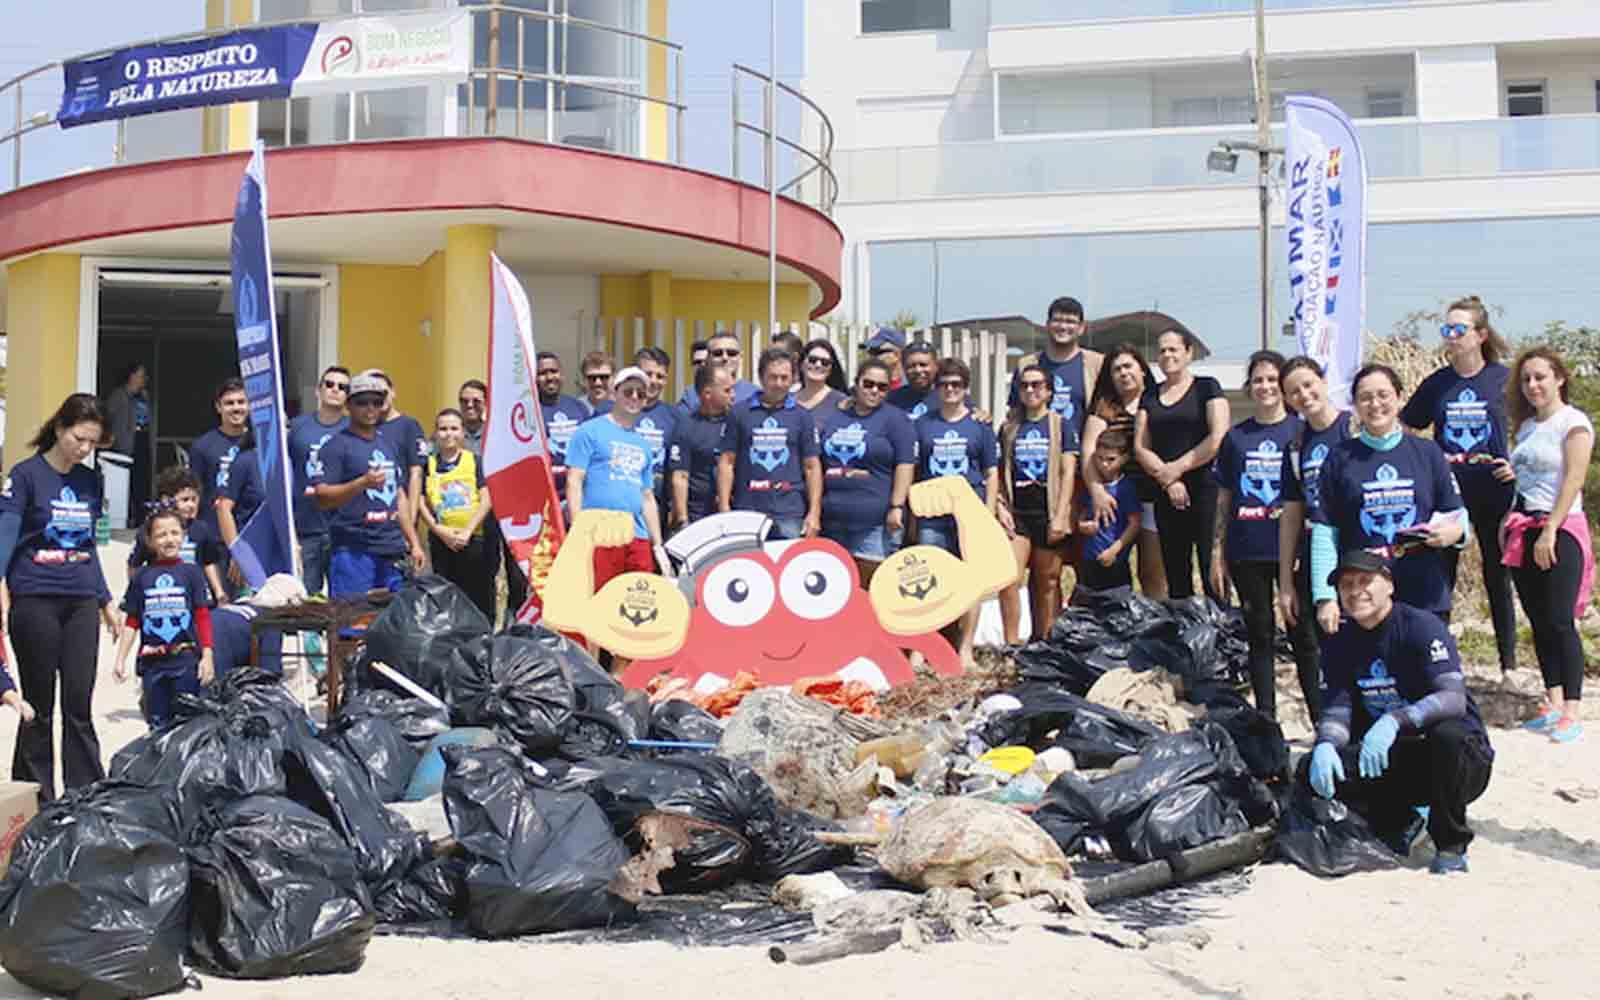 projeto limpeza dos mares 1 tonelada de lixo - boat shopping 6